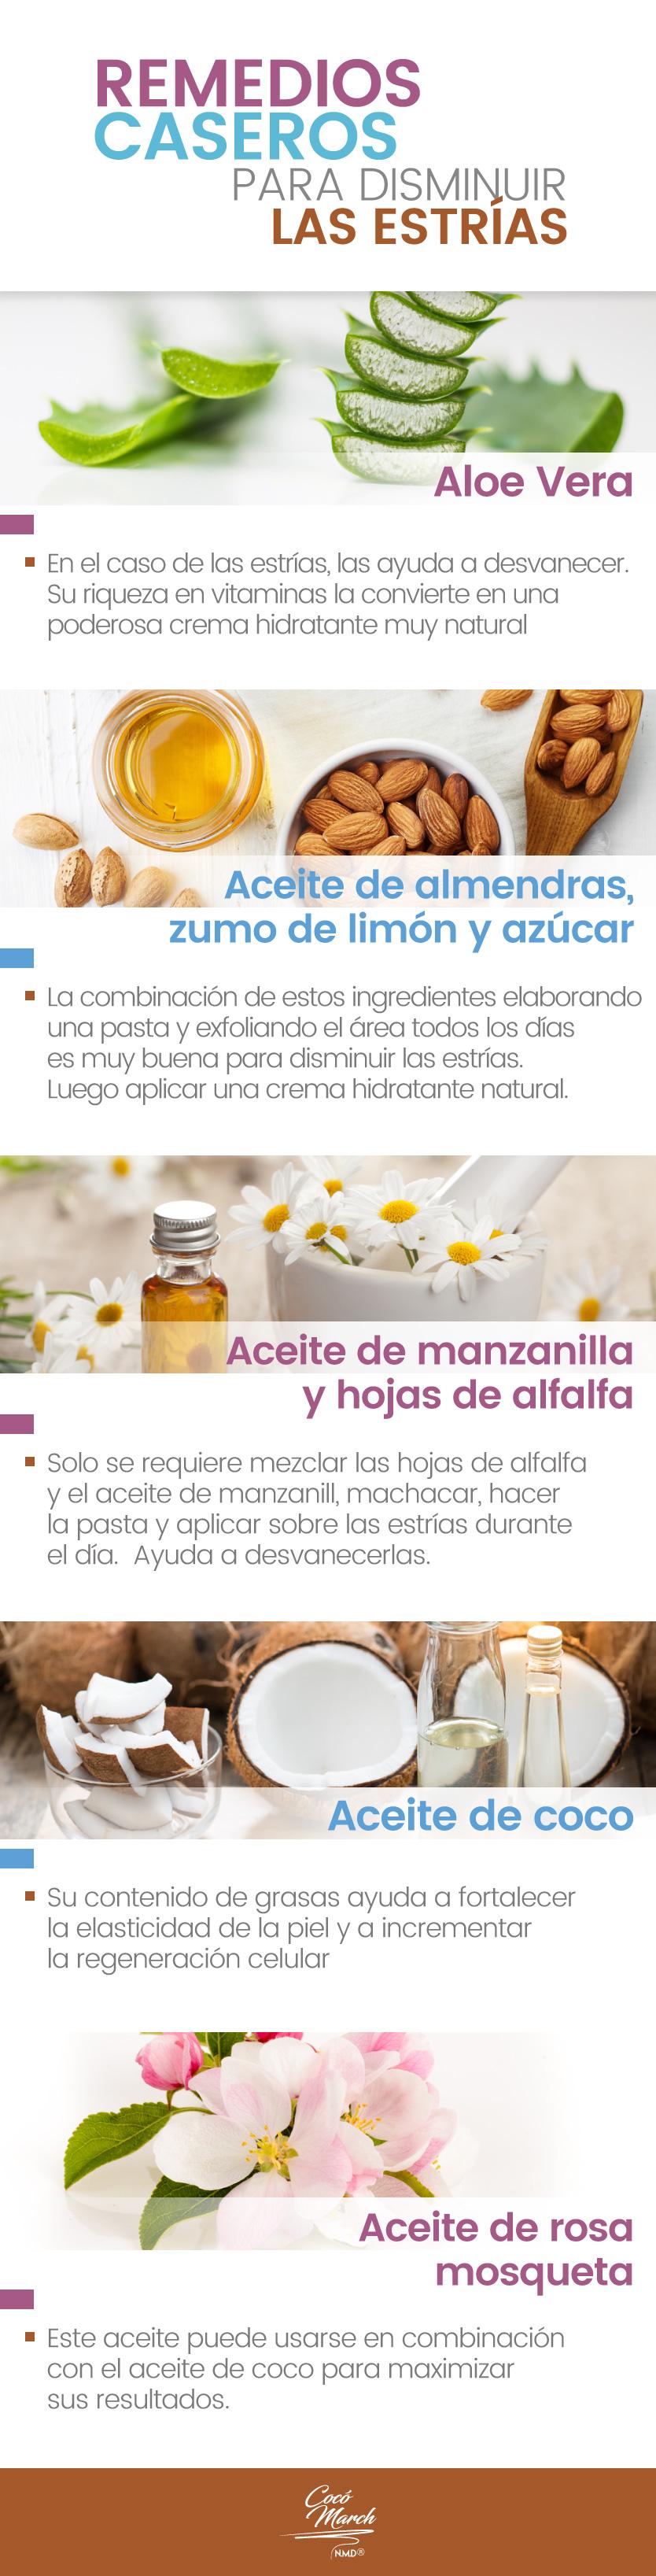 remedios-caseros-para-las-estrias